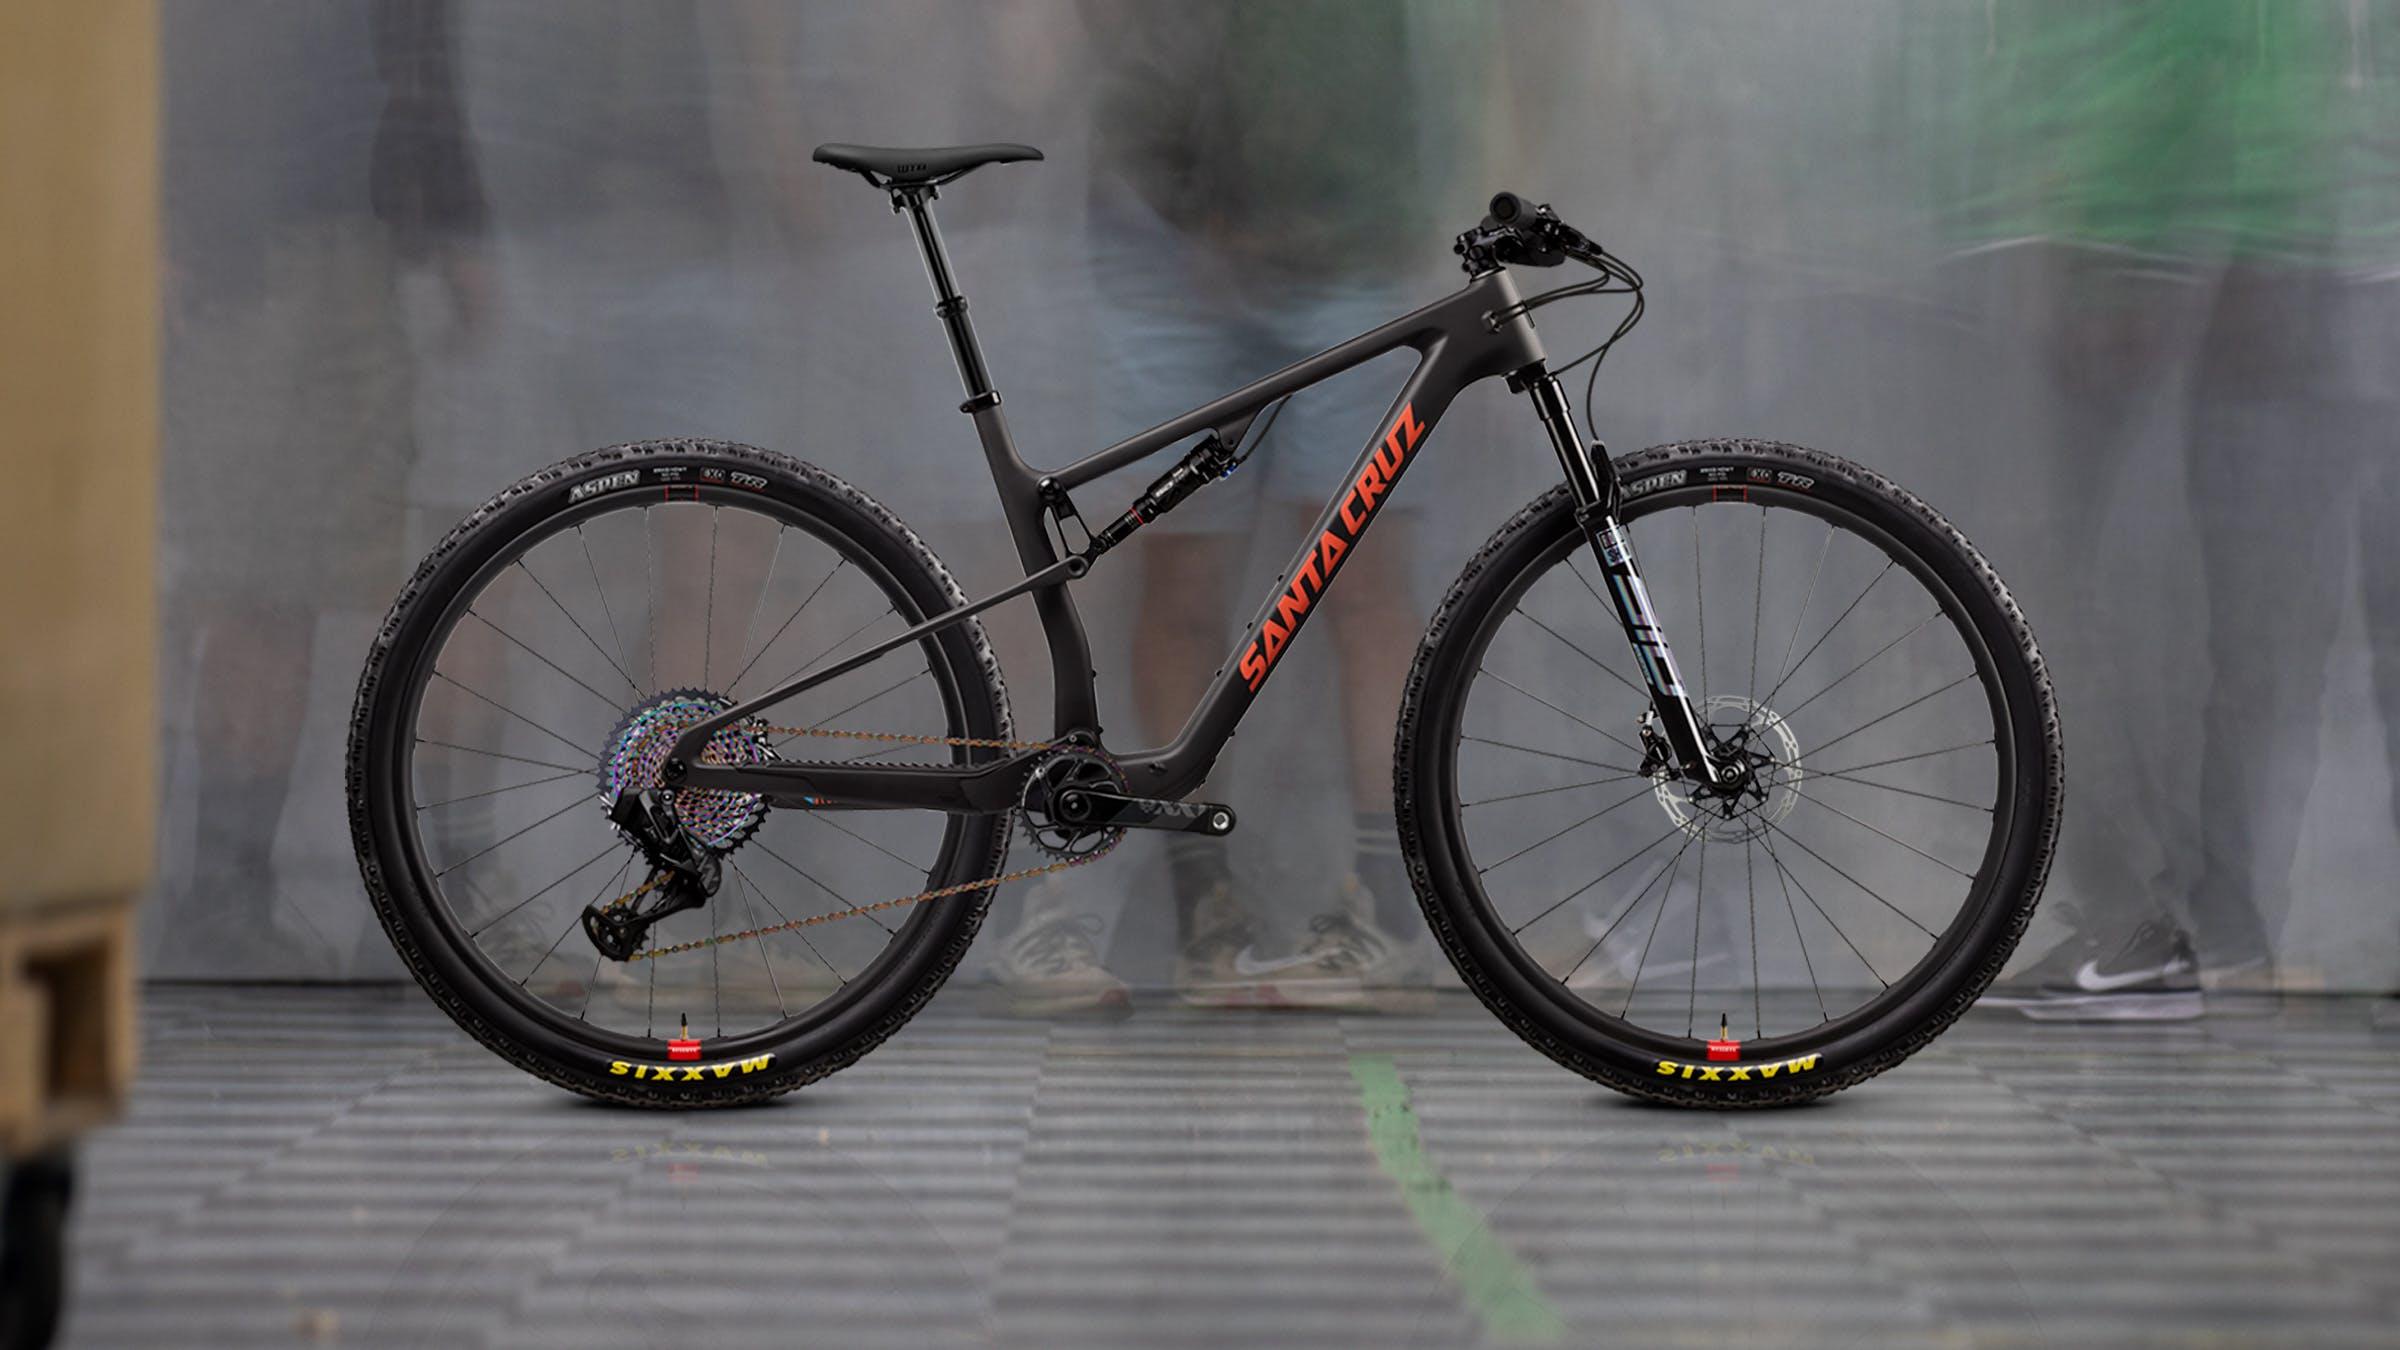 2022 Blur XX1 AXS Reserve XC bike in black